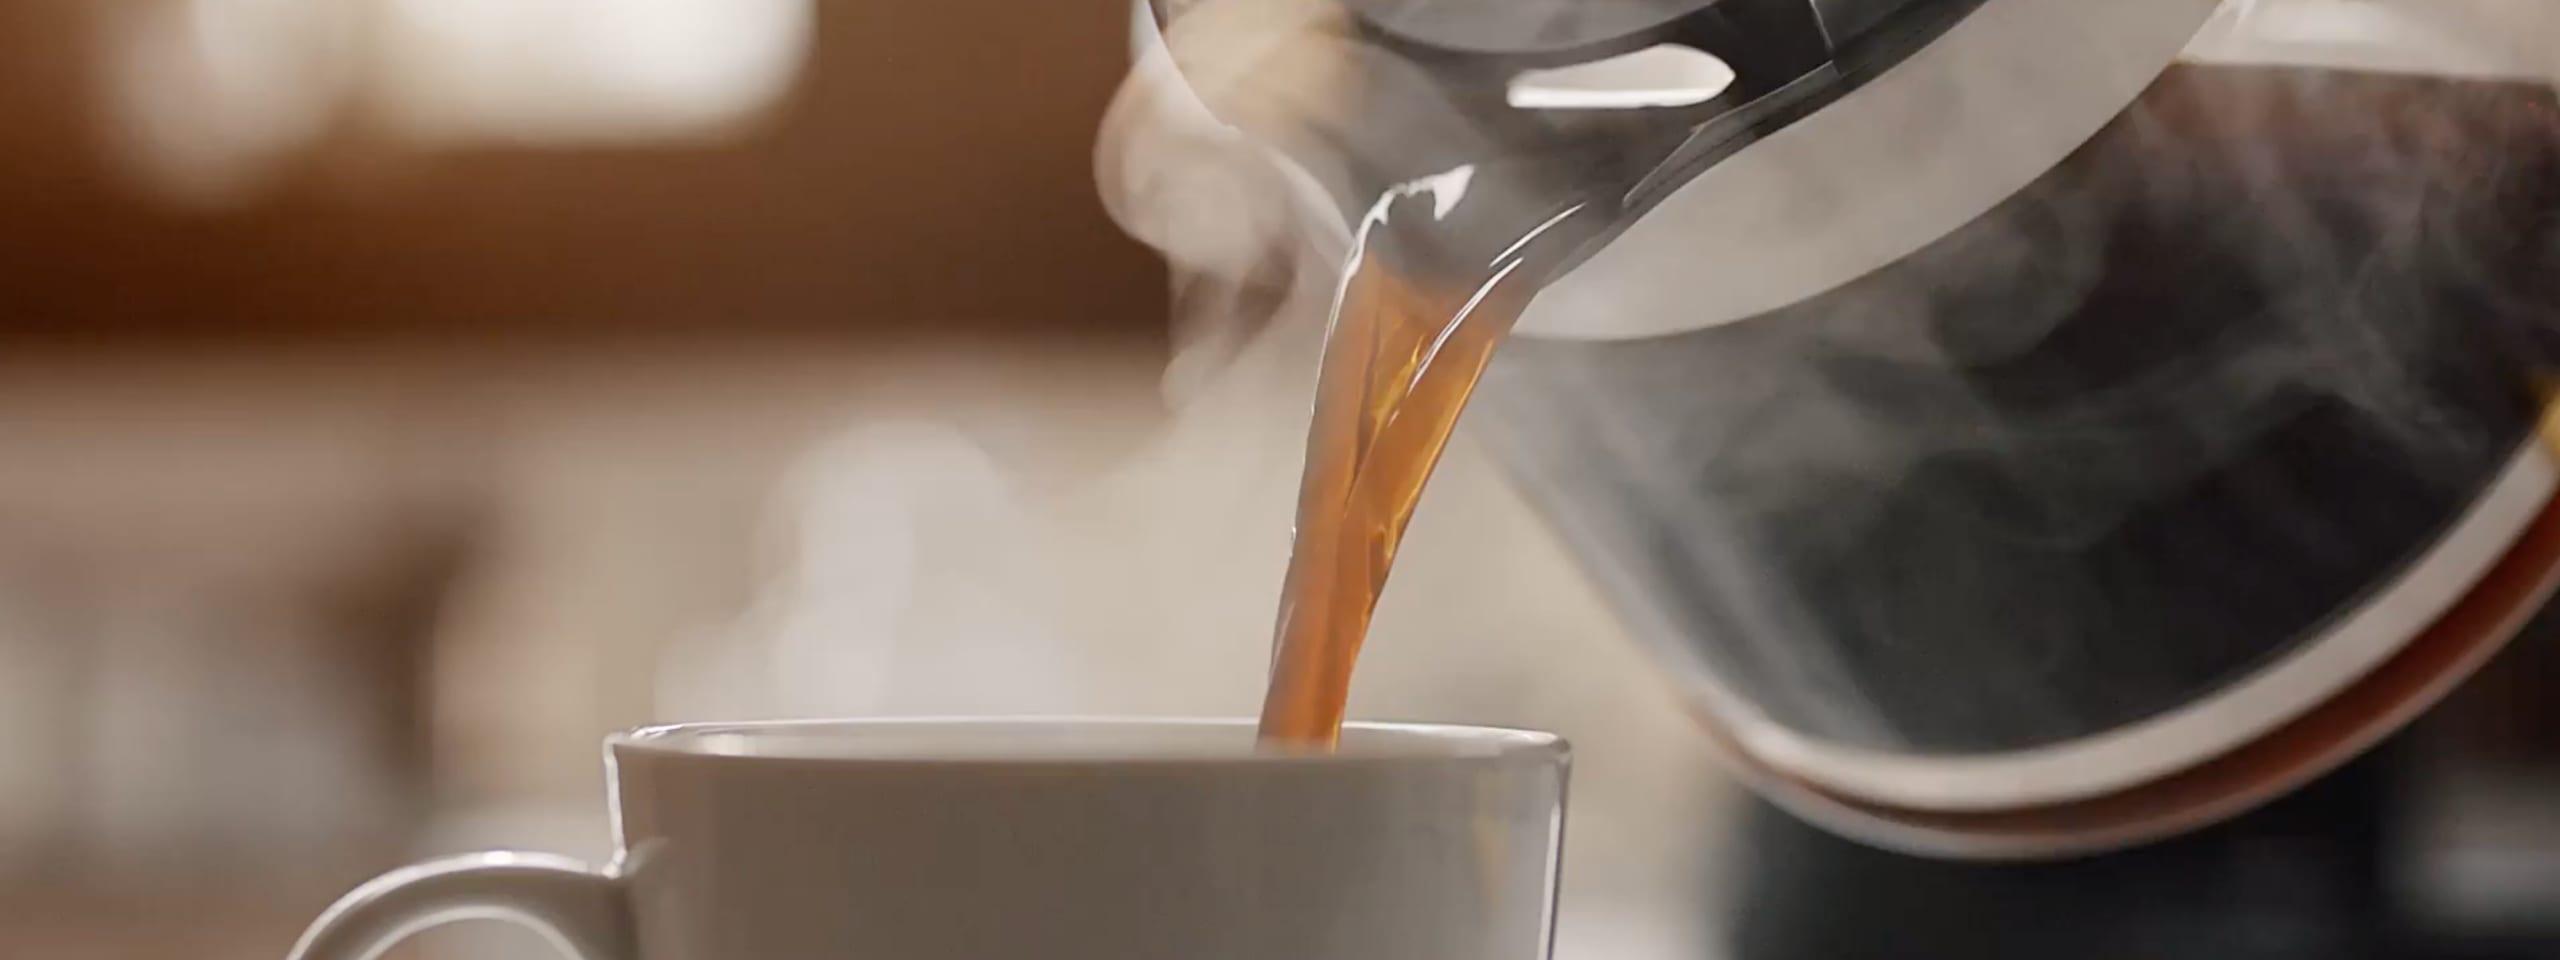 kávé felállítása merevedés 52 férfiban